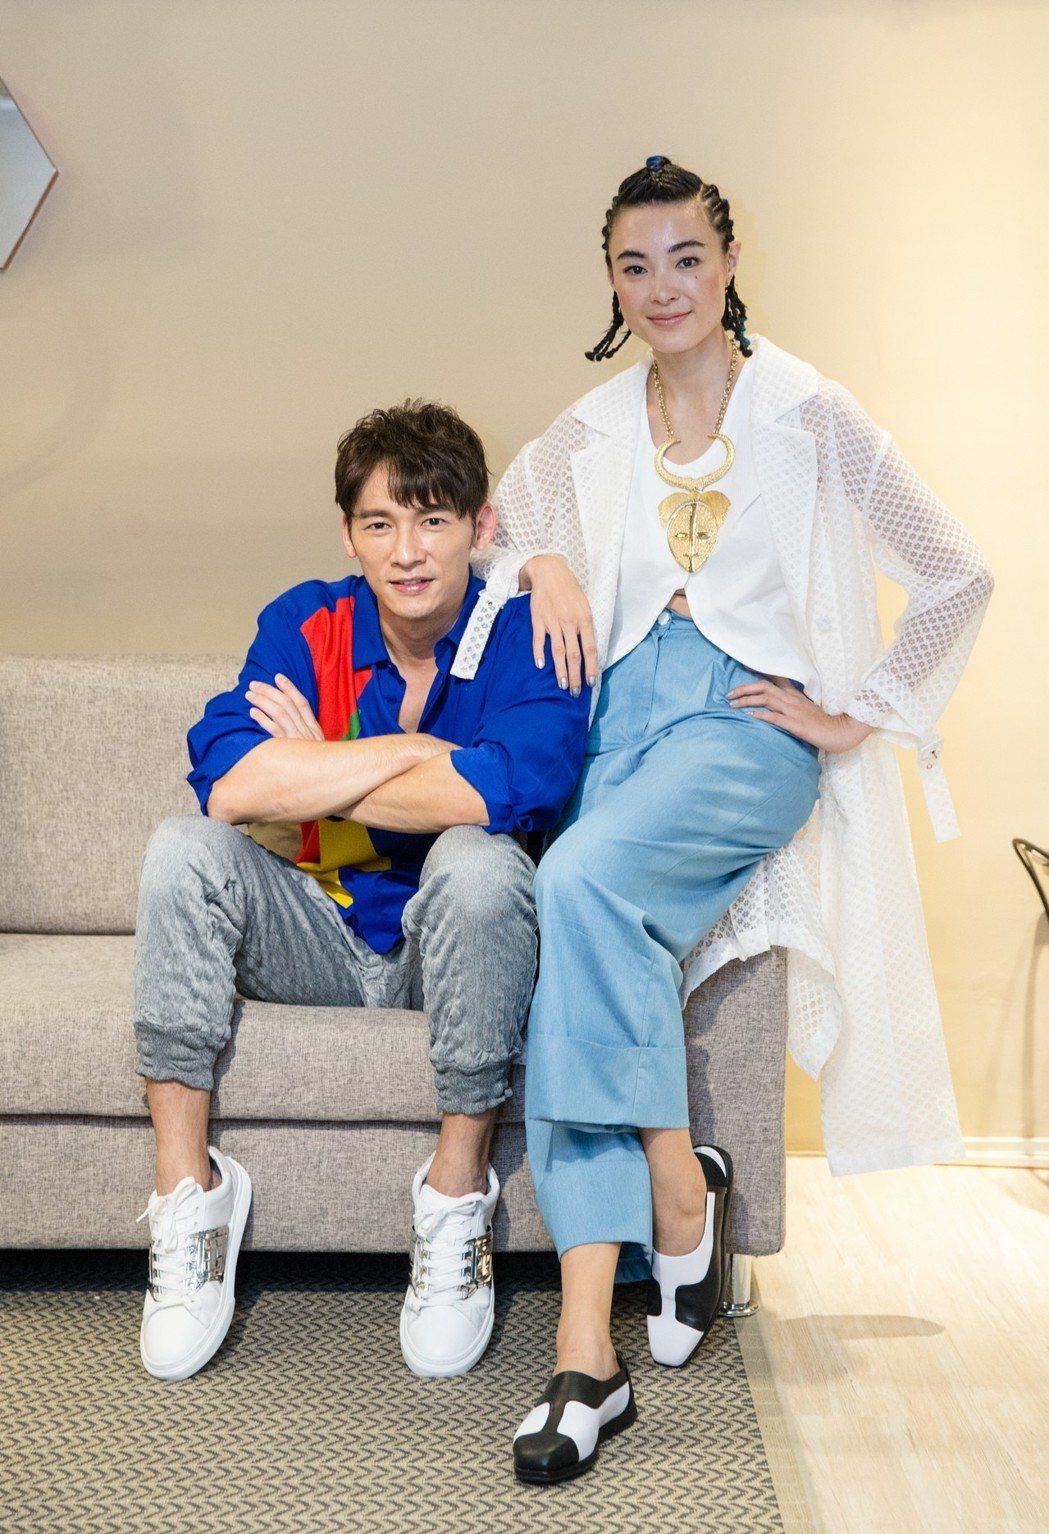 溫昇豪(左)、曾佩瑜(右)。記者鄭清元/攝影